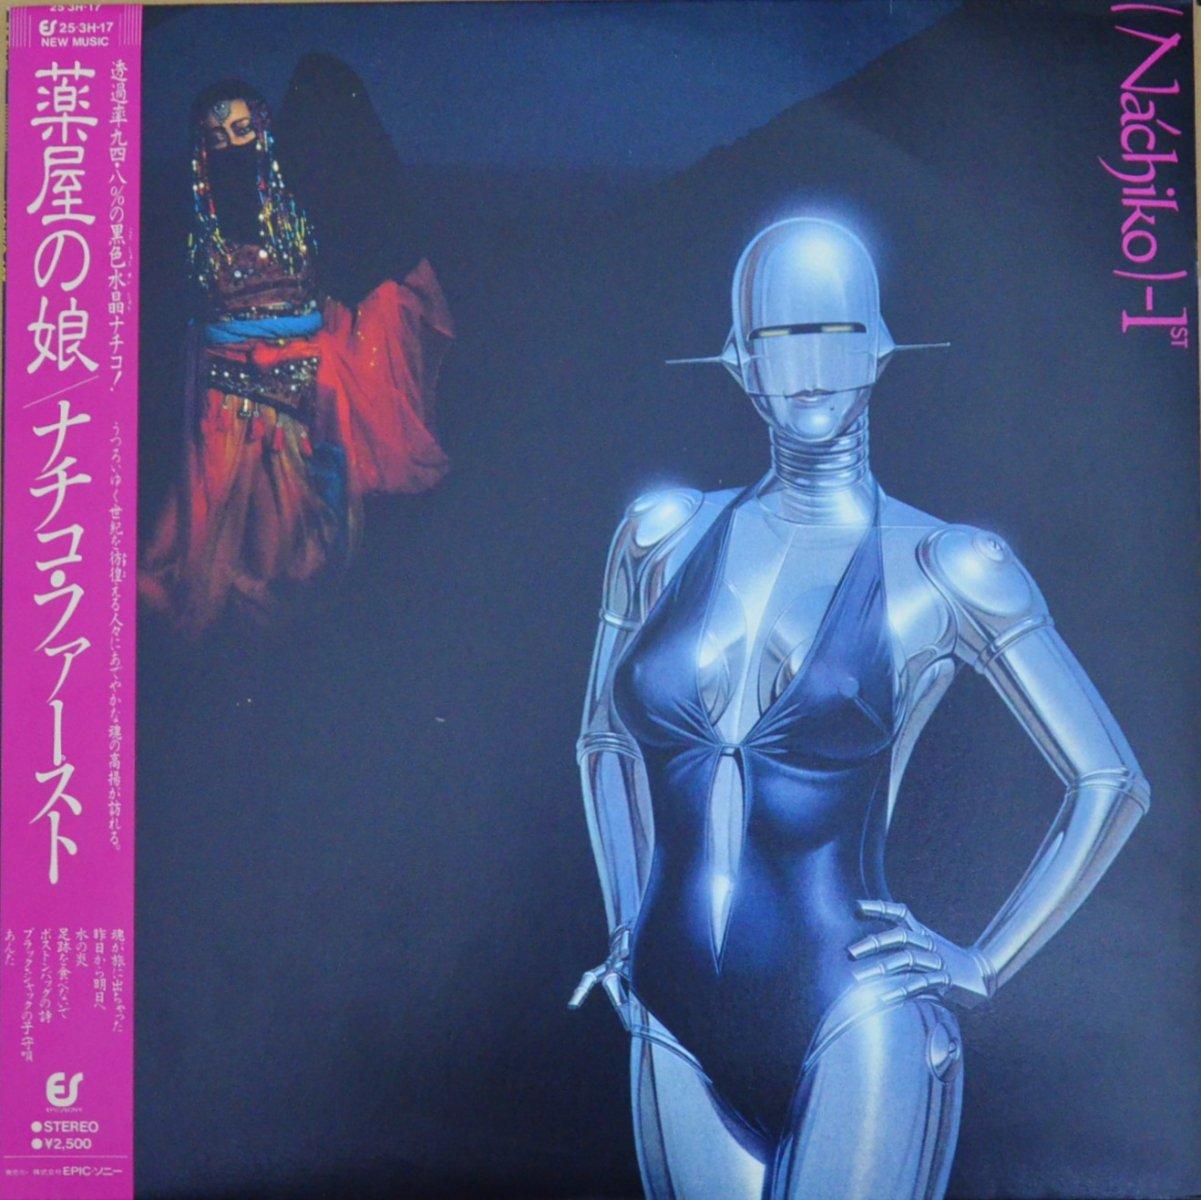 ナチコ NACHIKO / 薬屋の娘 ナチコ・ファースト (LP)